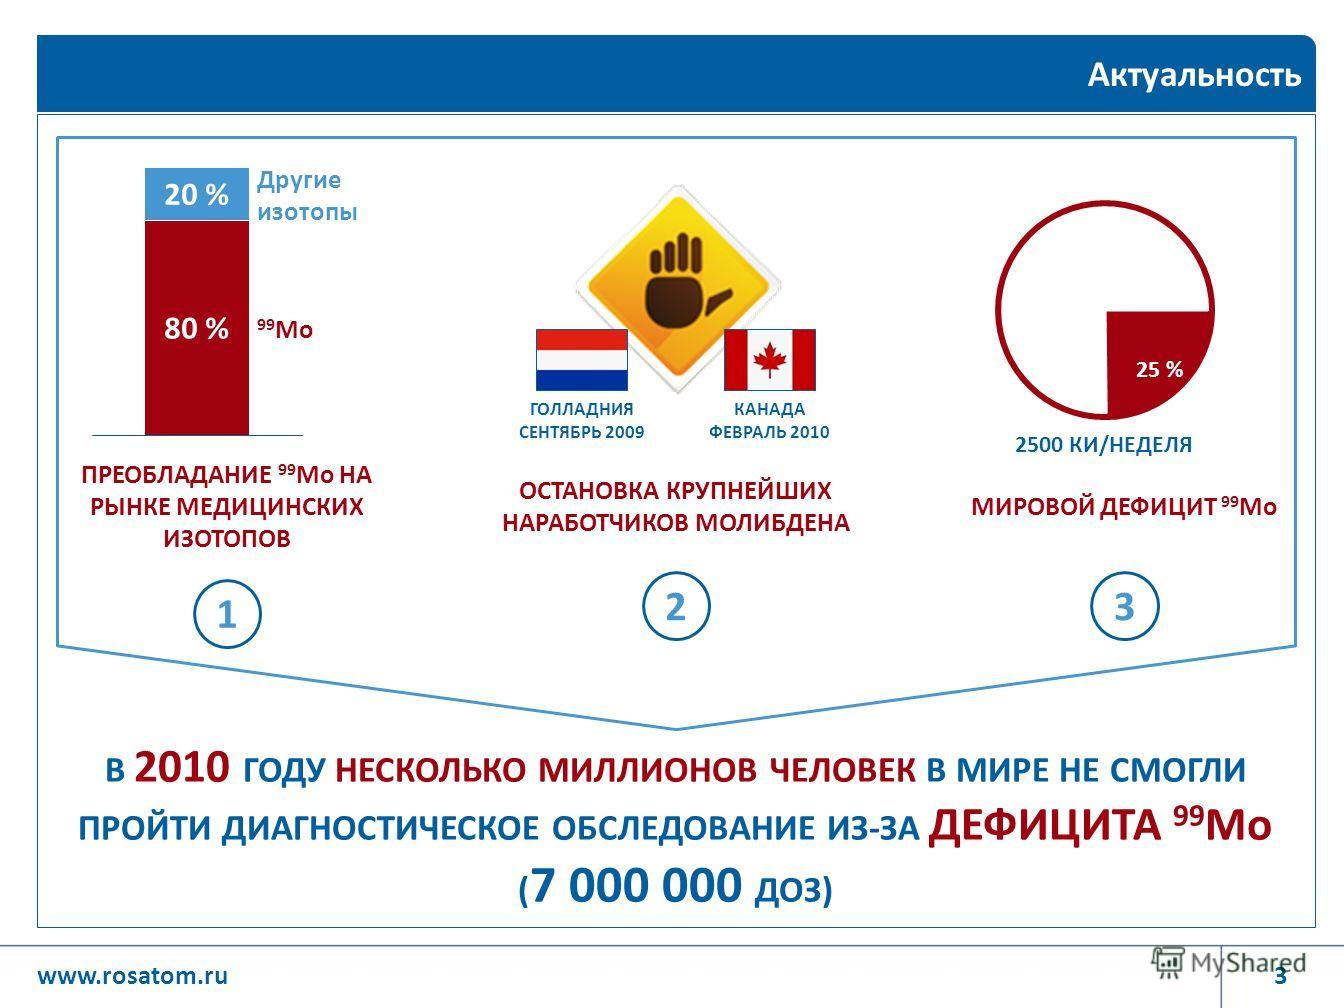 3www.rosatom.ru Актуальность 2 ОСТАНОВКА КРУПНЕЙШИХ НАРАБОТЧИКОВ МОЛИБДЕНА 1 ПРЕОБЛАДАНИЕ 99 Мо НА РЫНКЕ МЕДИЦИНСКИХ ИЗОТОПОВ 20 % 80 % 99 Мо Другие изотопы 3 МИРОВОЙ ДЕФИЦИТ 99 Мо 25 % 2500 КИ/НЕДЕЛЯ ГОЛЛАДНИЯ СЕНТЯБРЬ 2009 КАНАДА ФЕВРАЛЬ 2010 В 201